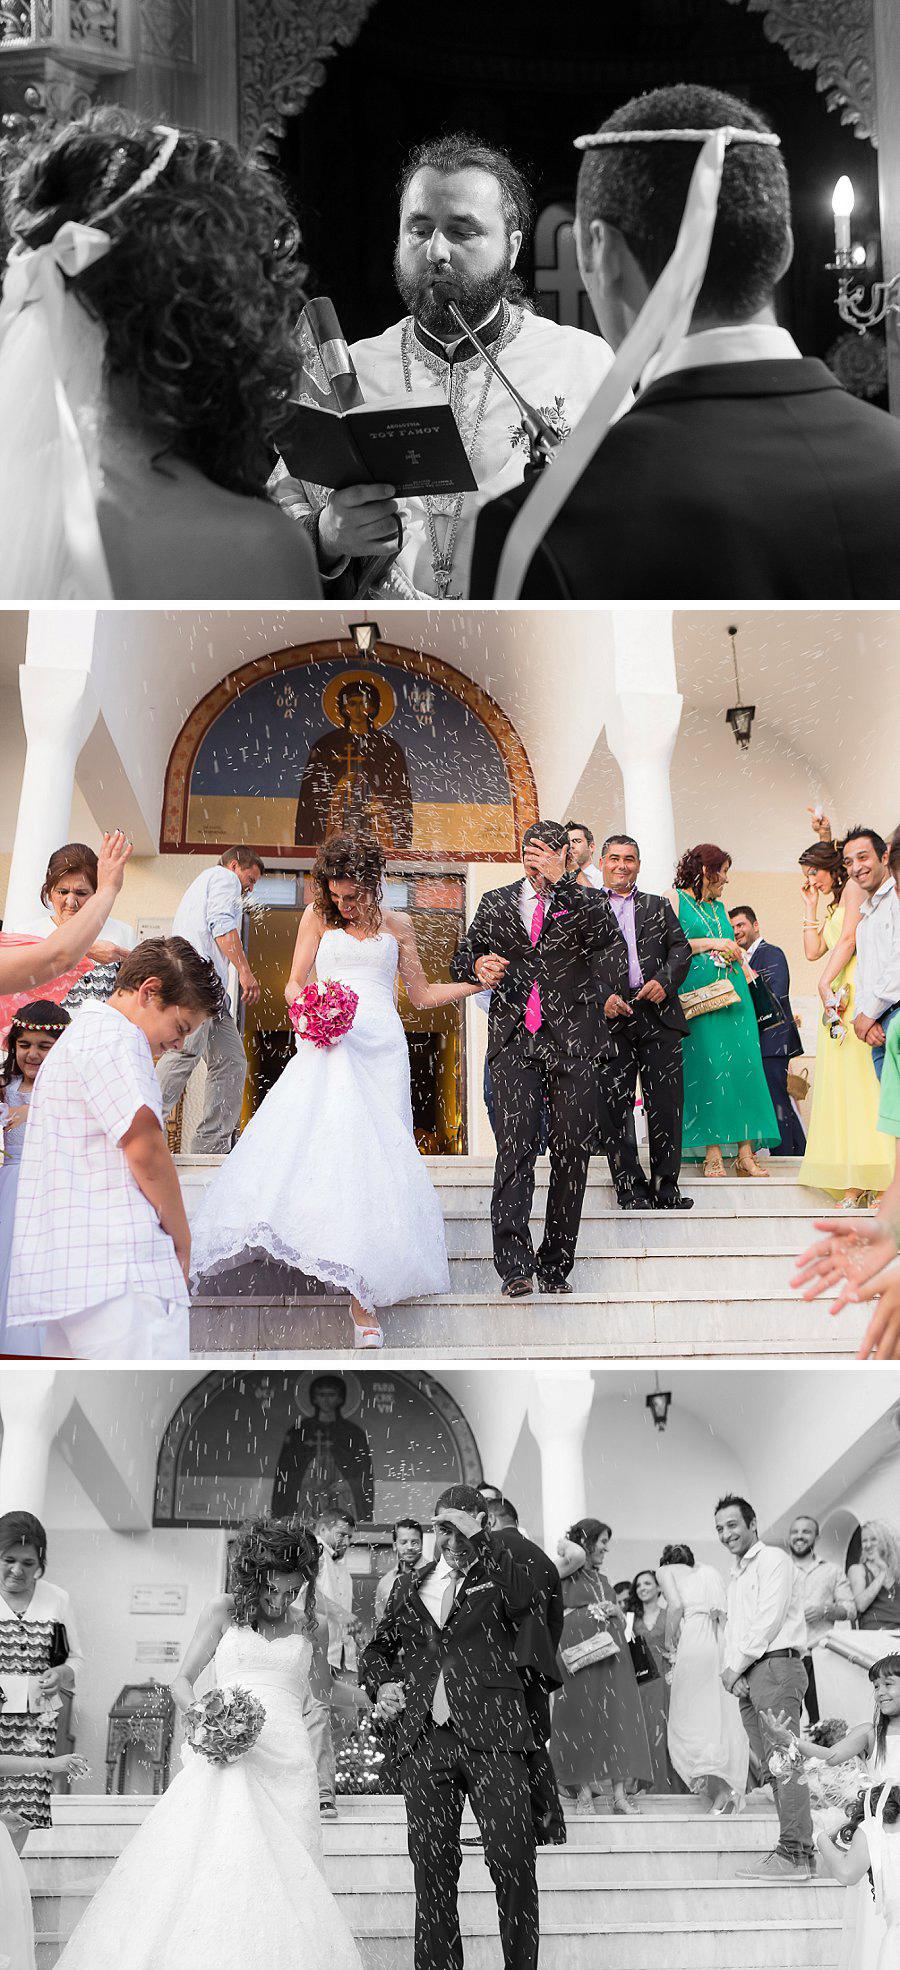 Χαλκιδική,Αθυτο,Ηλιοτροπια.φωτογραφια γάμου,φωτογραφια γαμου θεσσαλονικη